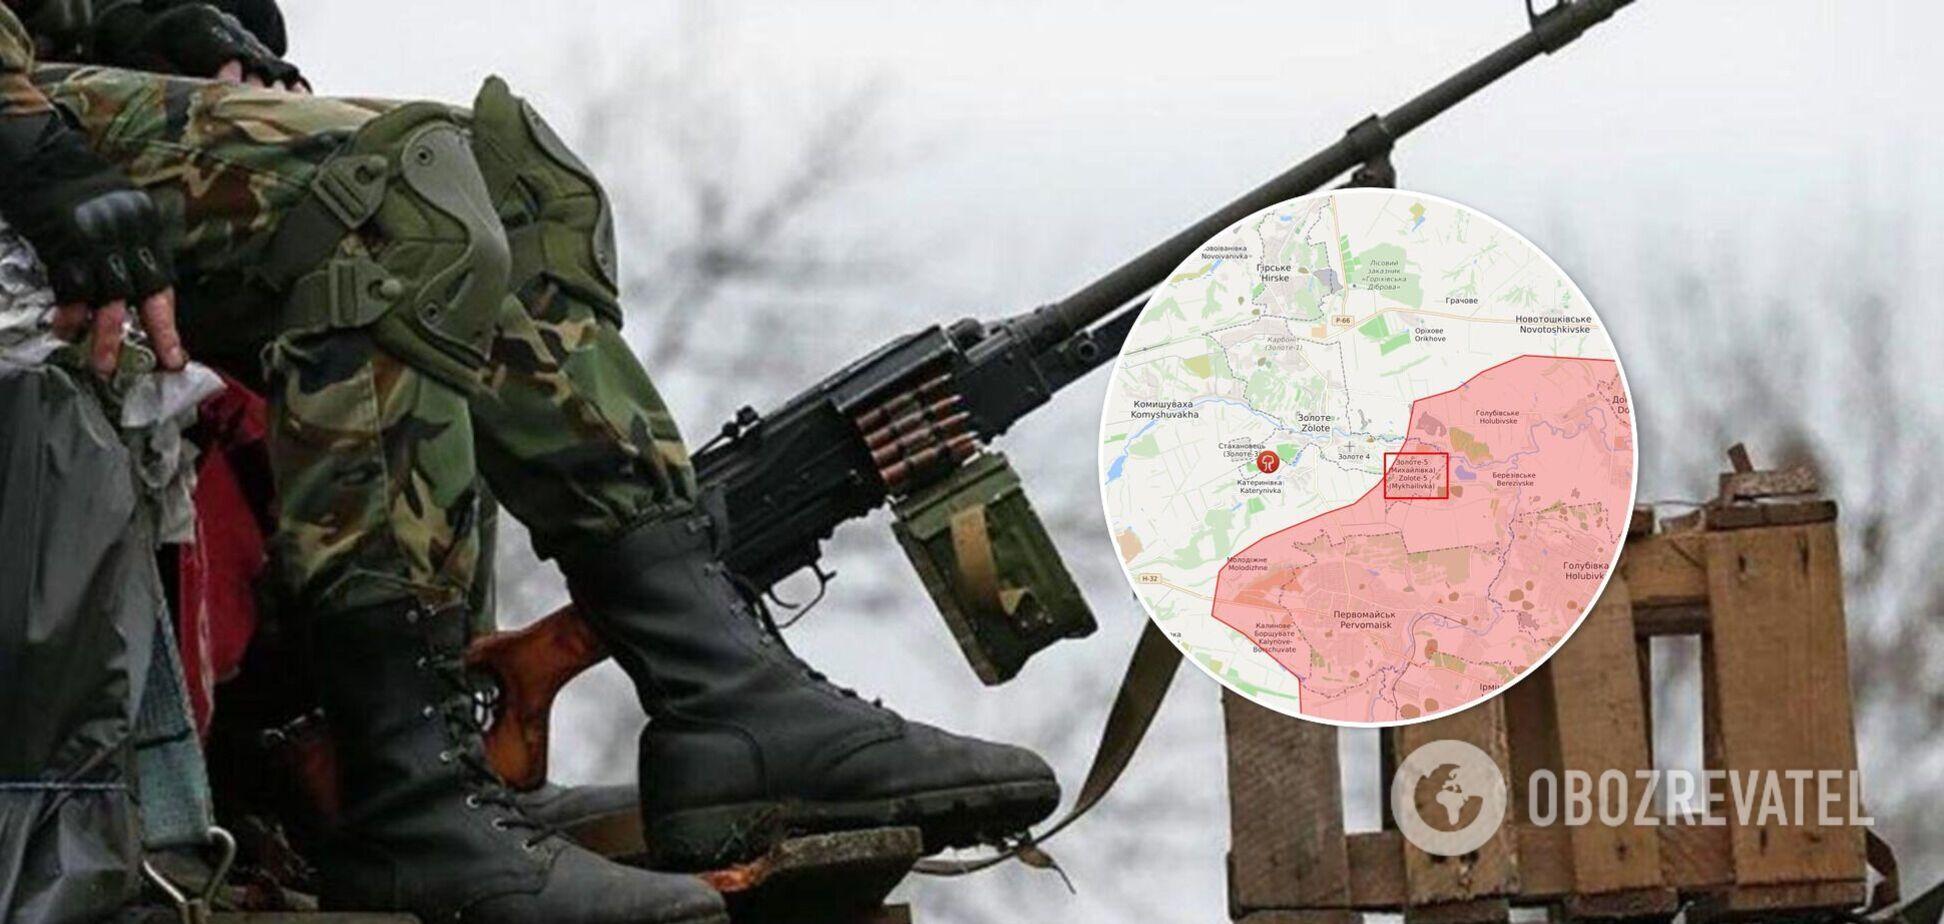 На Донбасі, відзначаючи День космонавтики, застрелився окупант: командування звинуватило ЗСУ